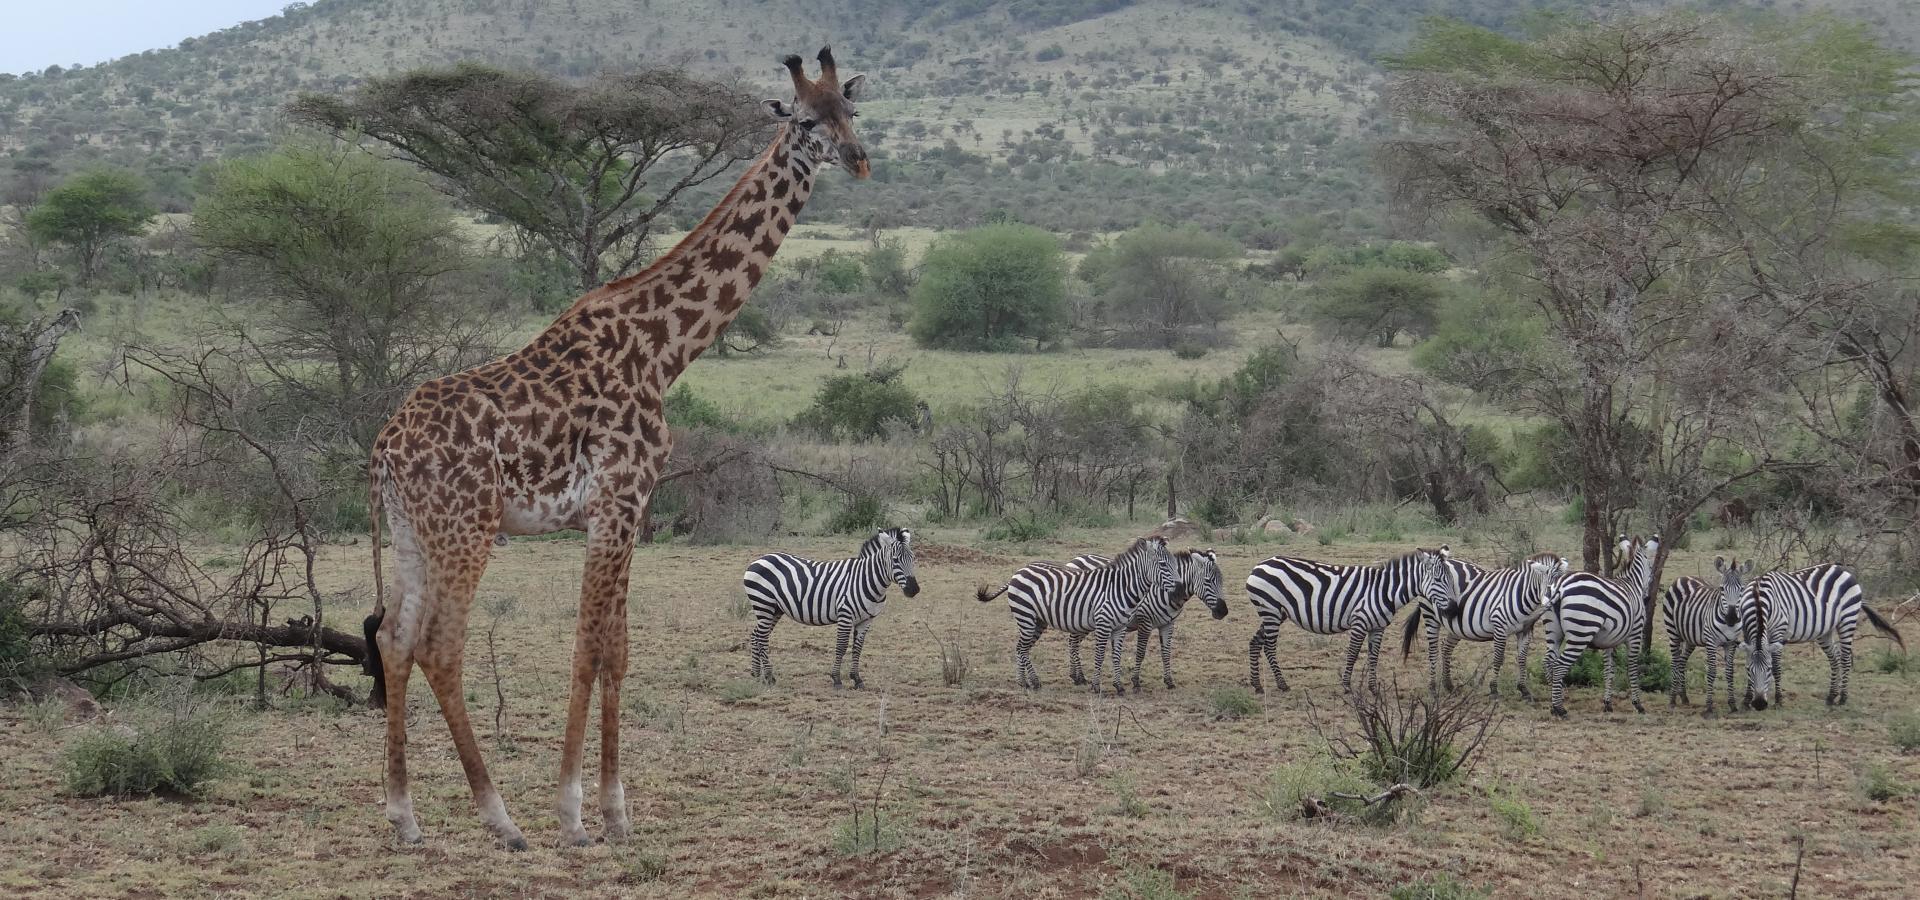 Als bekanntestes Tierreservat der Welt beherbergt die Serengeti die größte Konzentration wildlebender Tiere